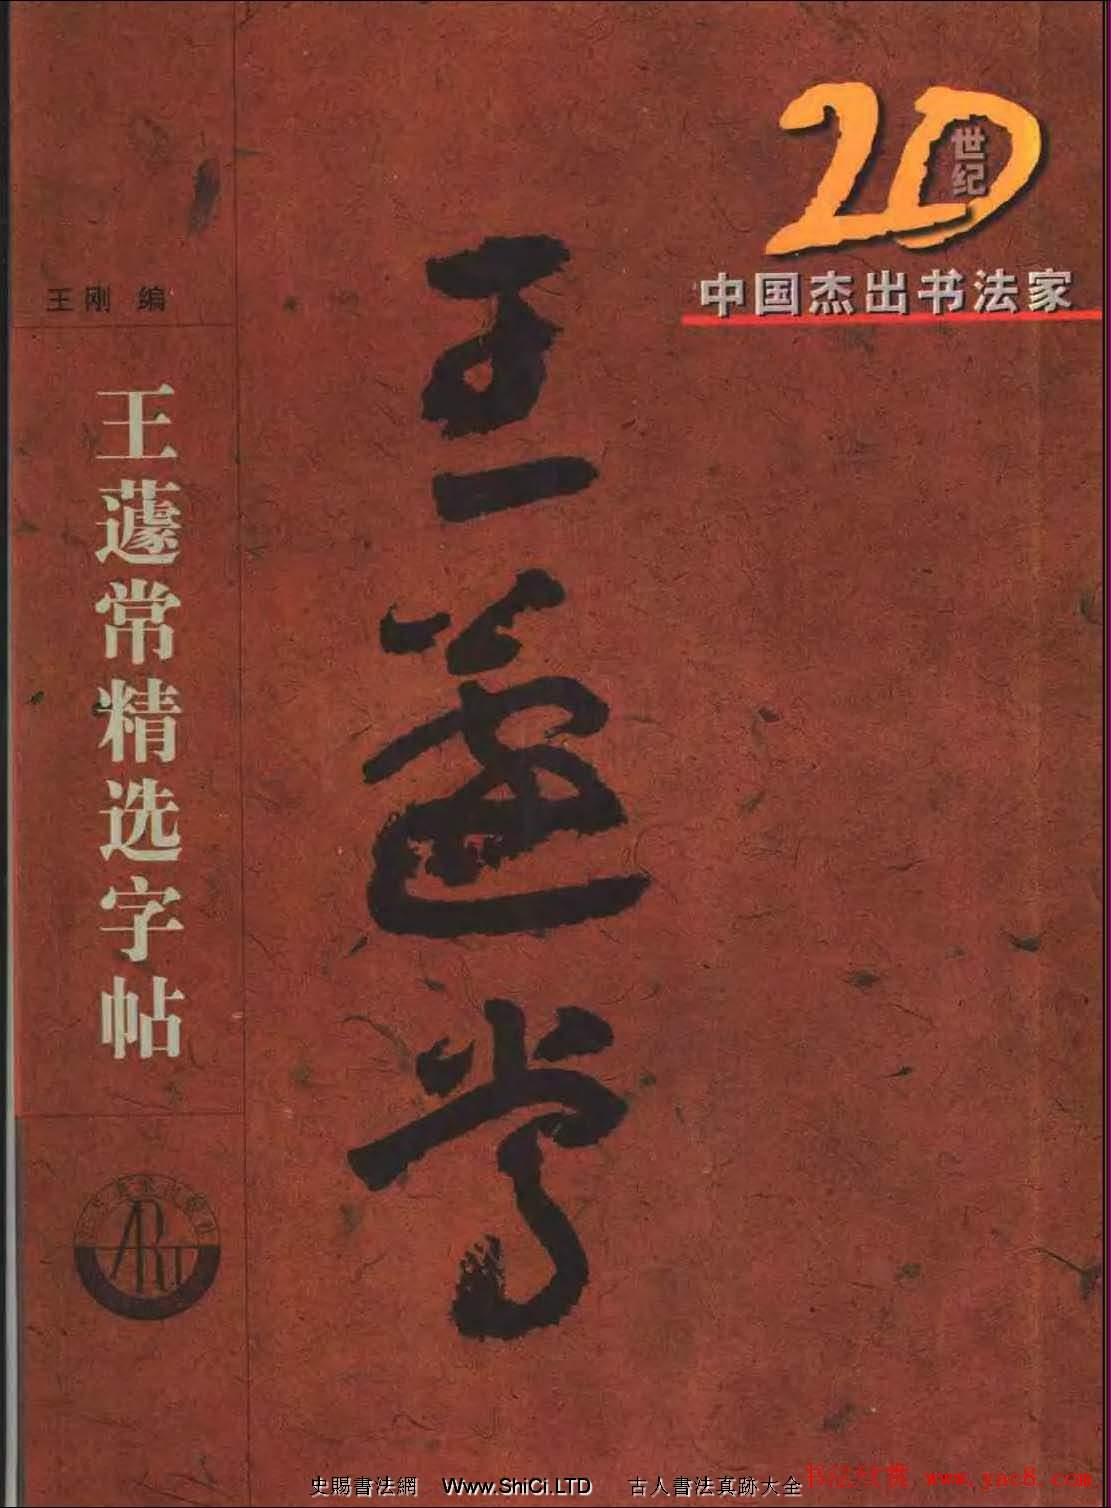 20世紀中國傑出書法家王蘧常章草字帖(共37張圖片)